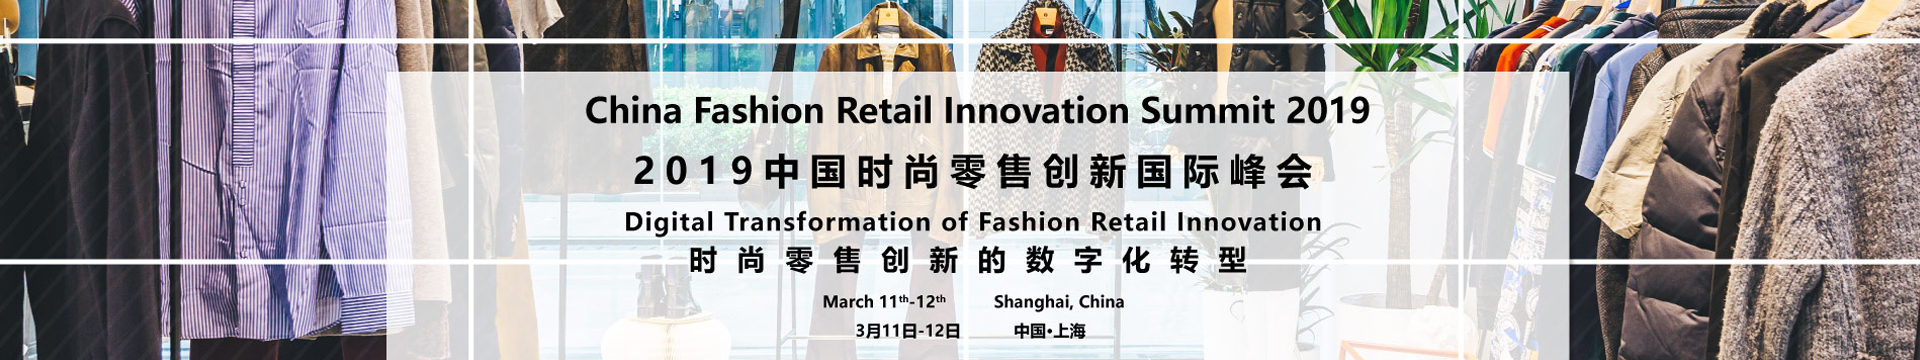 2019中国时尚零售创新国际峰会-时尚零售创新的数字化转型